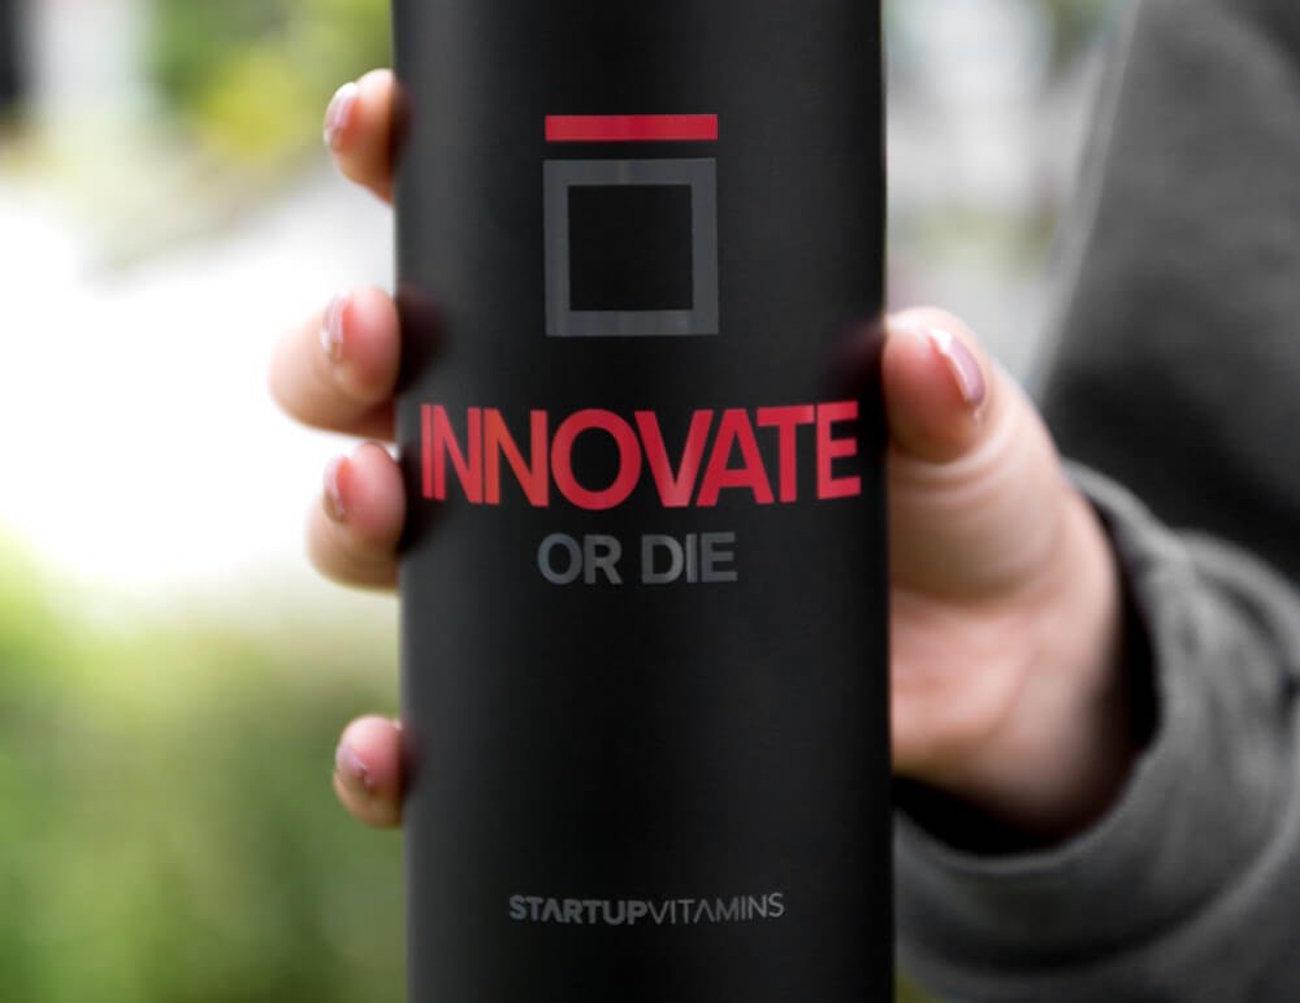 Innovate or Die Travel Mug